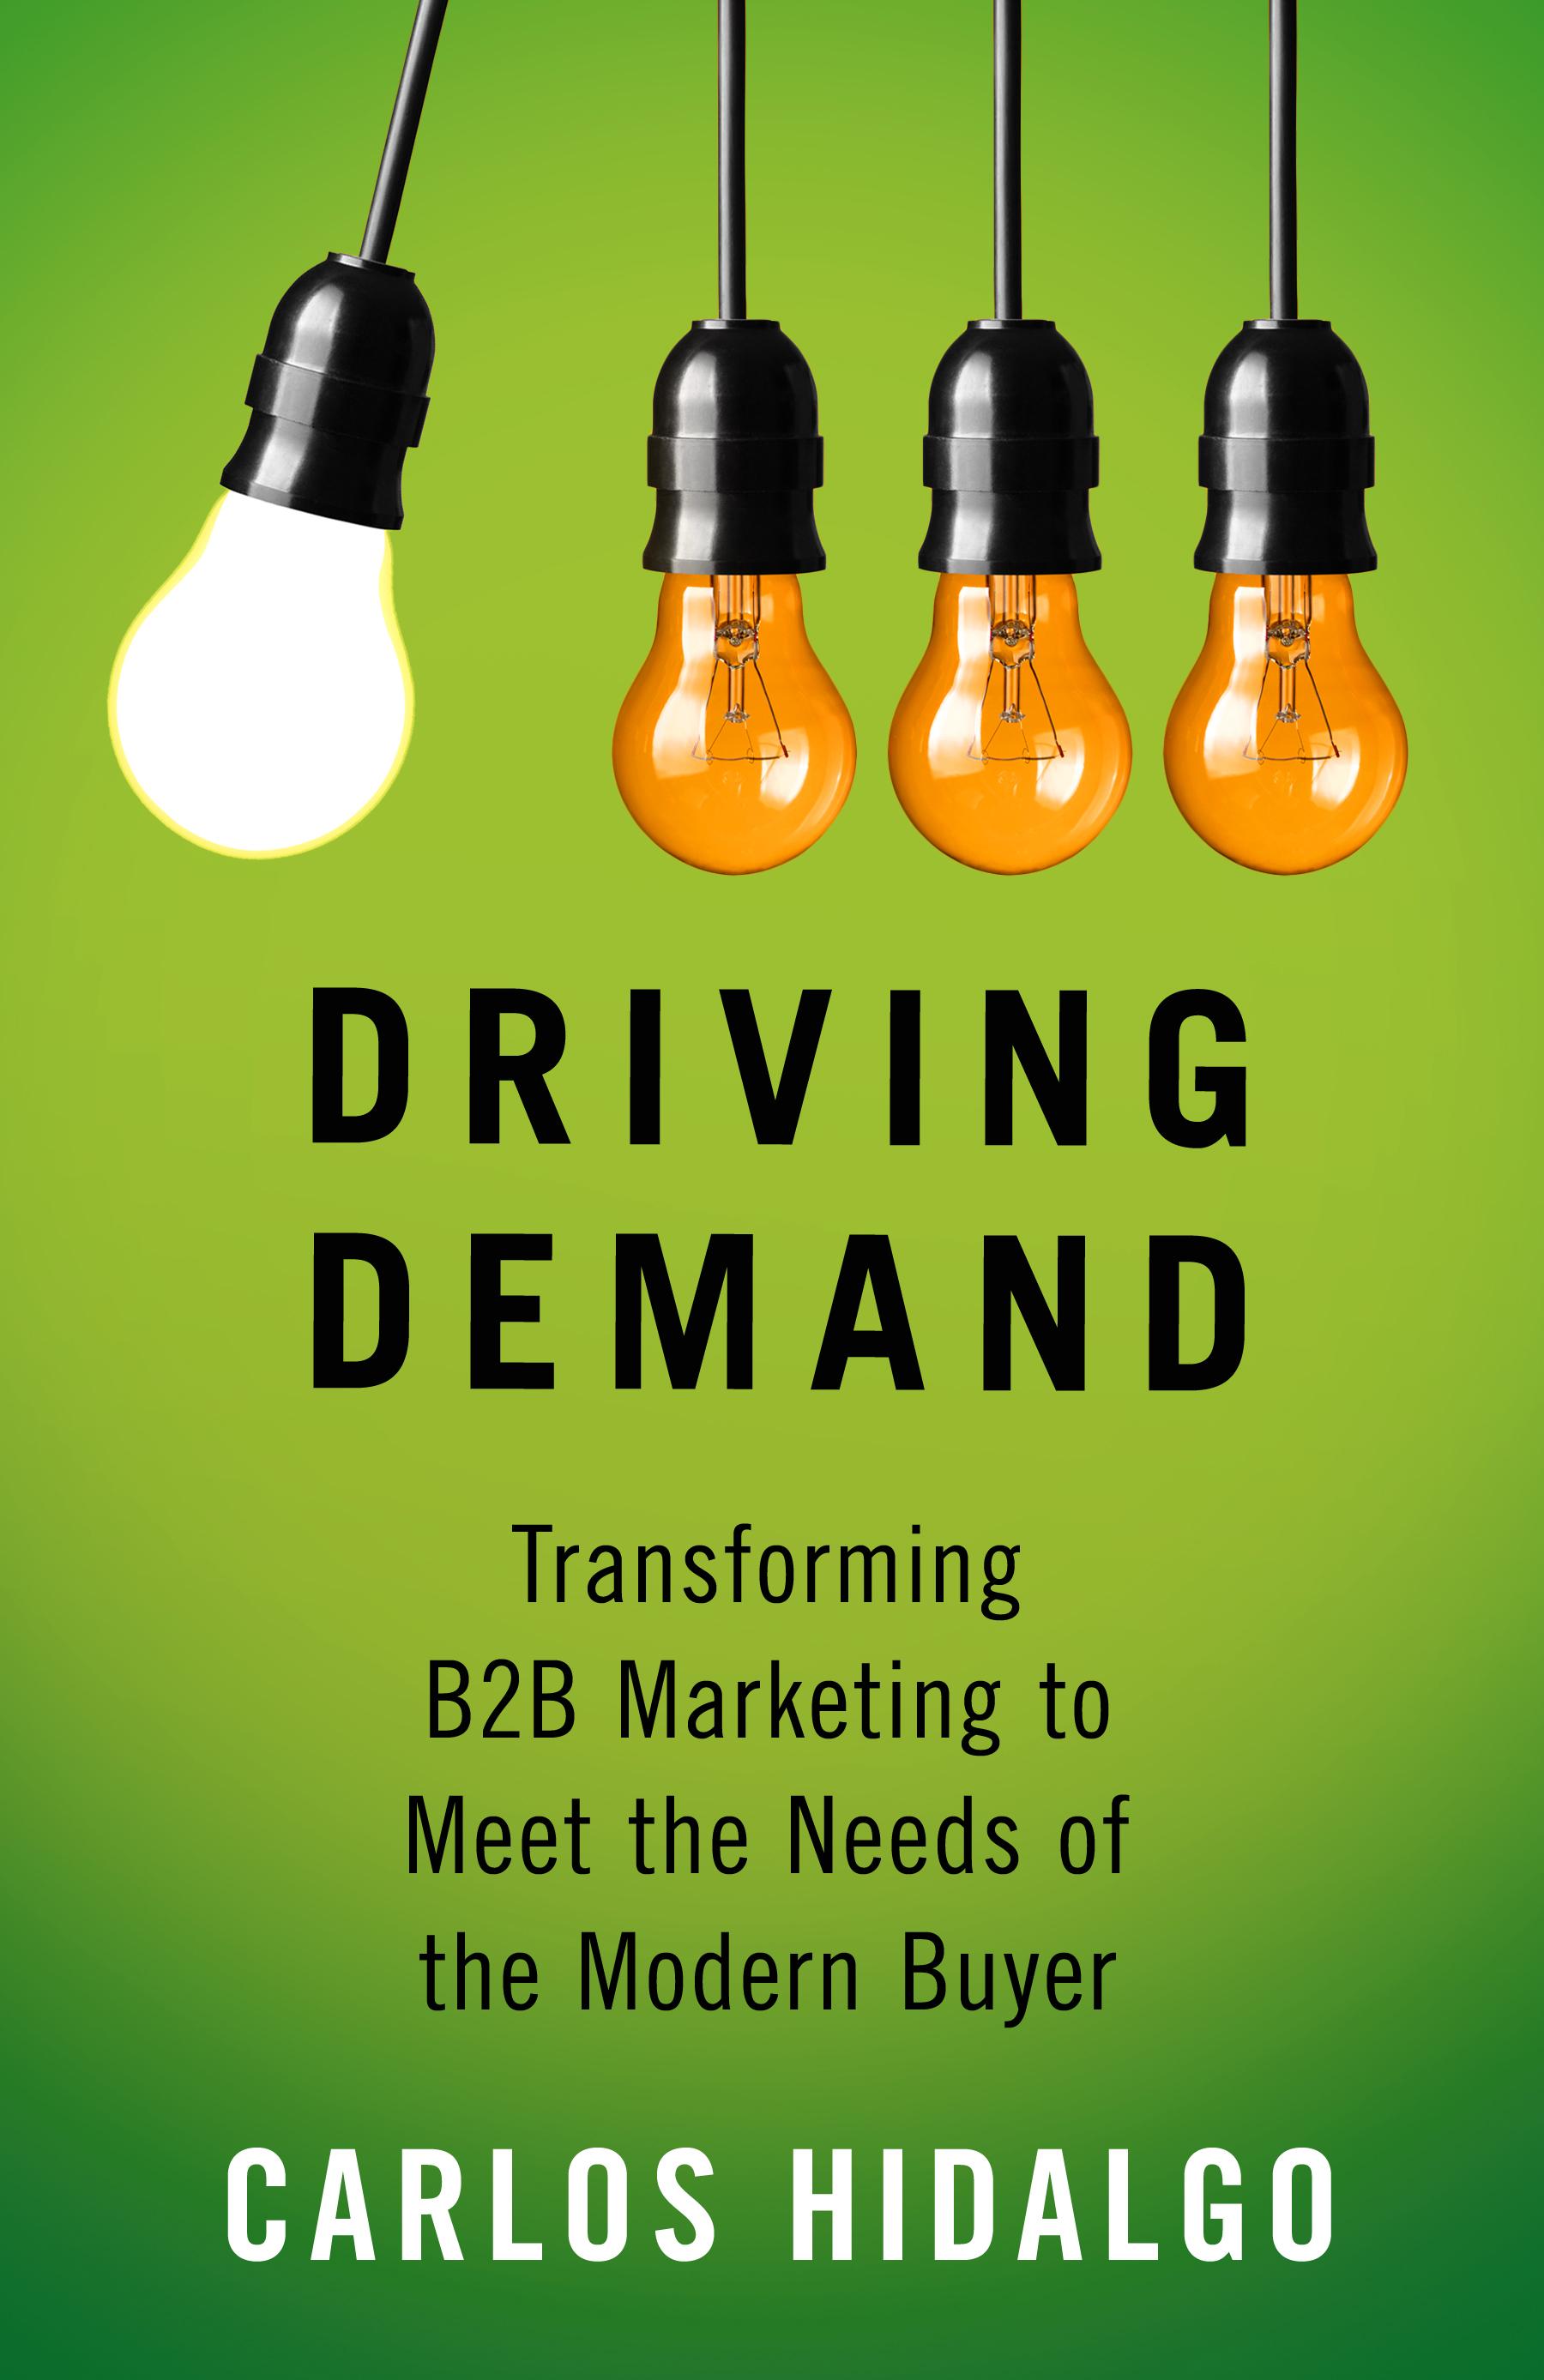 Driving Demand, by Carlos Hidalgo